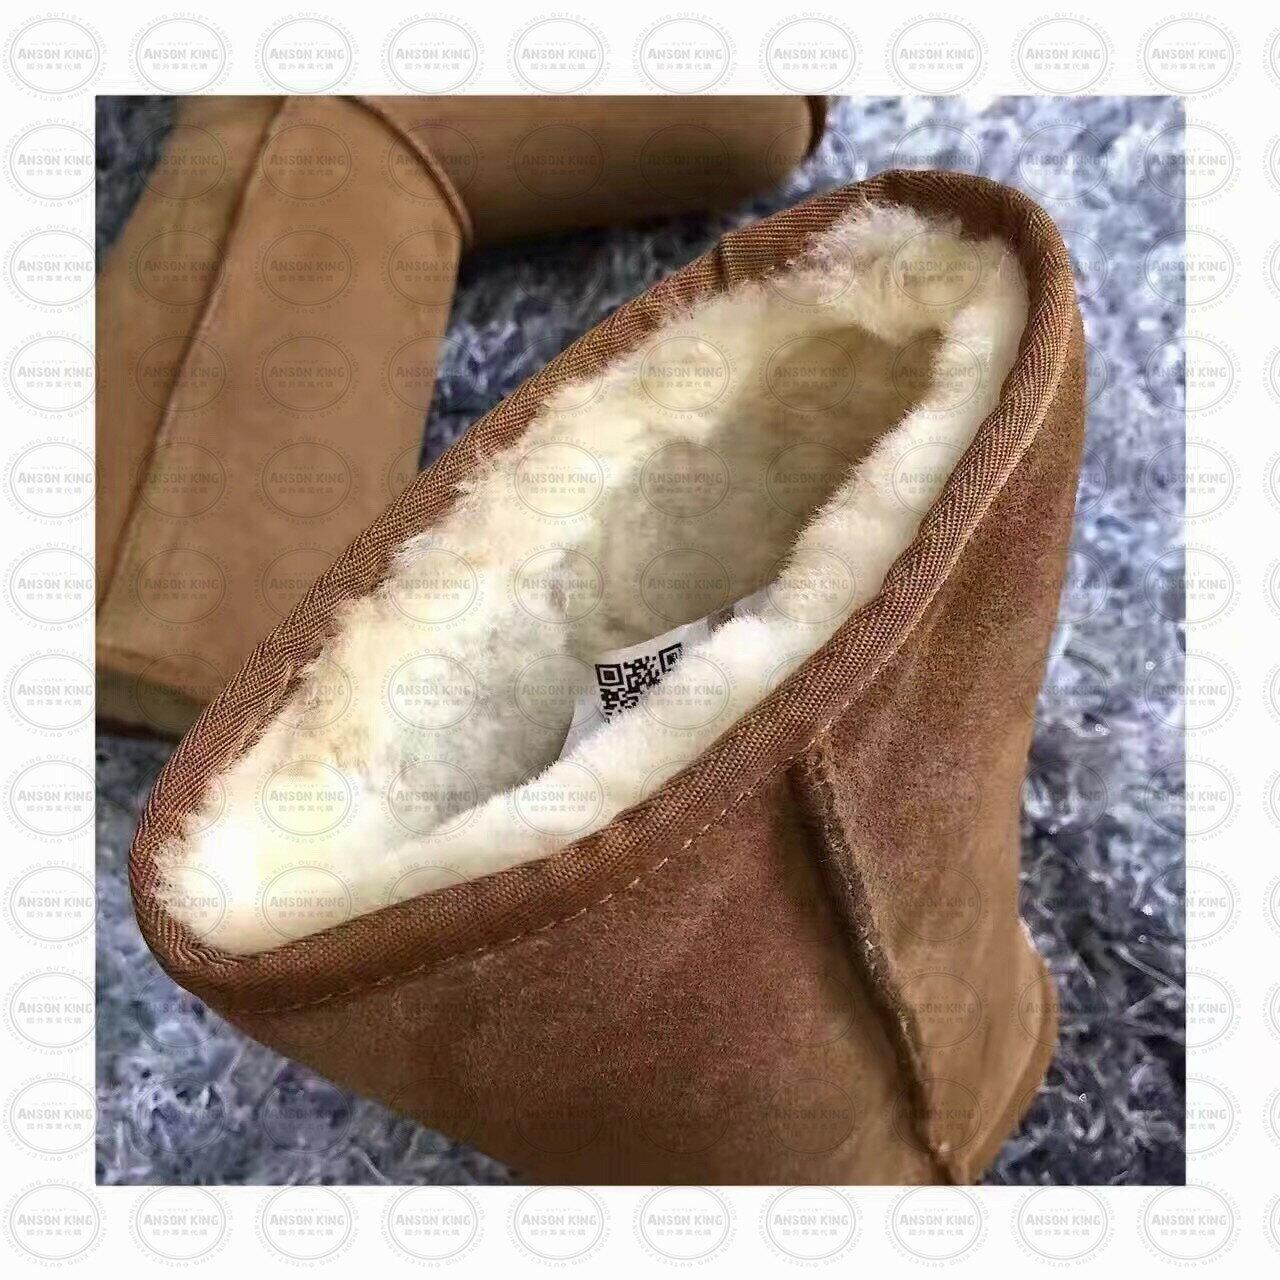 OUTLET正品代購 澳洲 UGG 經典女款羊皮毛一體雪靴 中長靴 保暖 真皮羊皮毛 雪靴 短靴 灰色 1